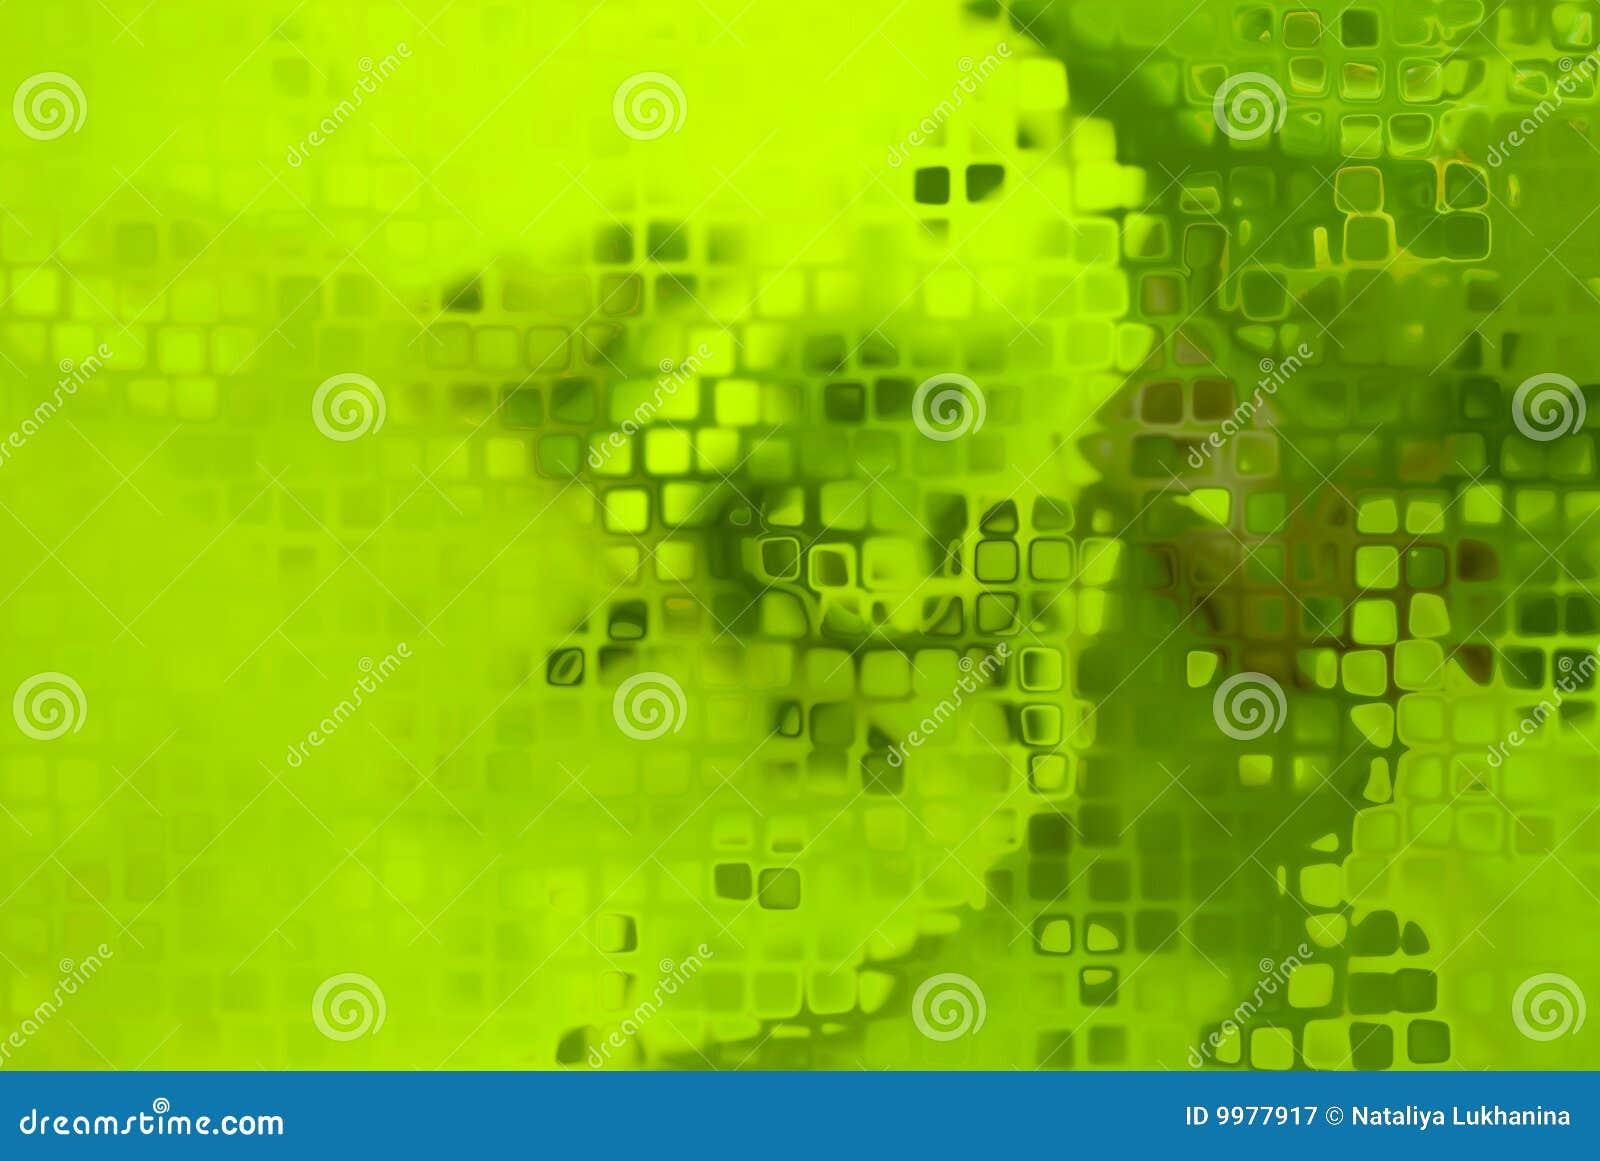 Fondo abstracto multicolor